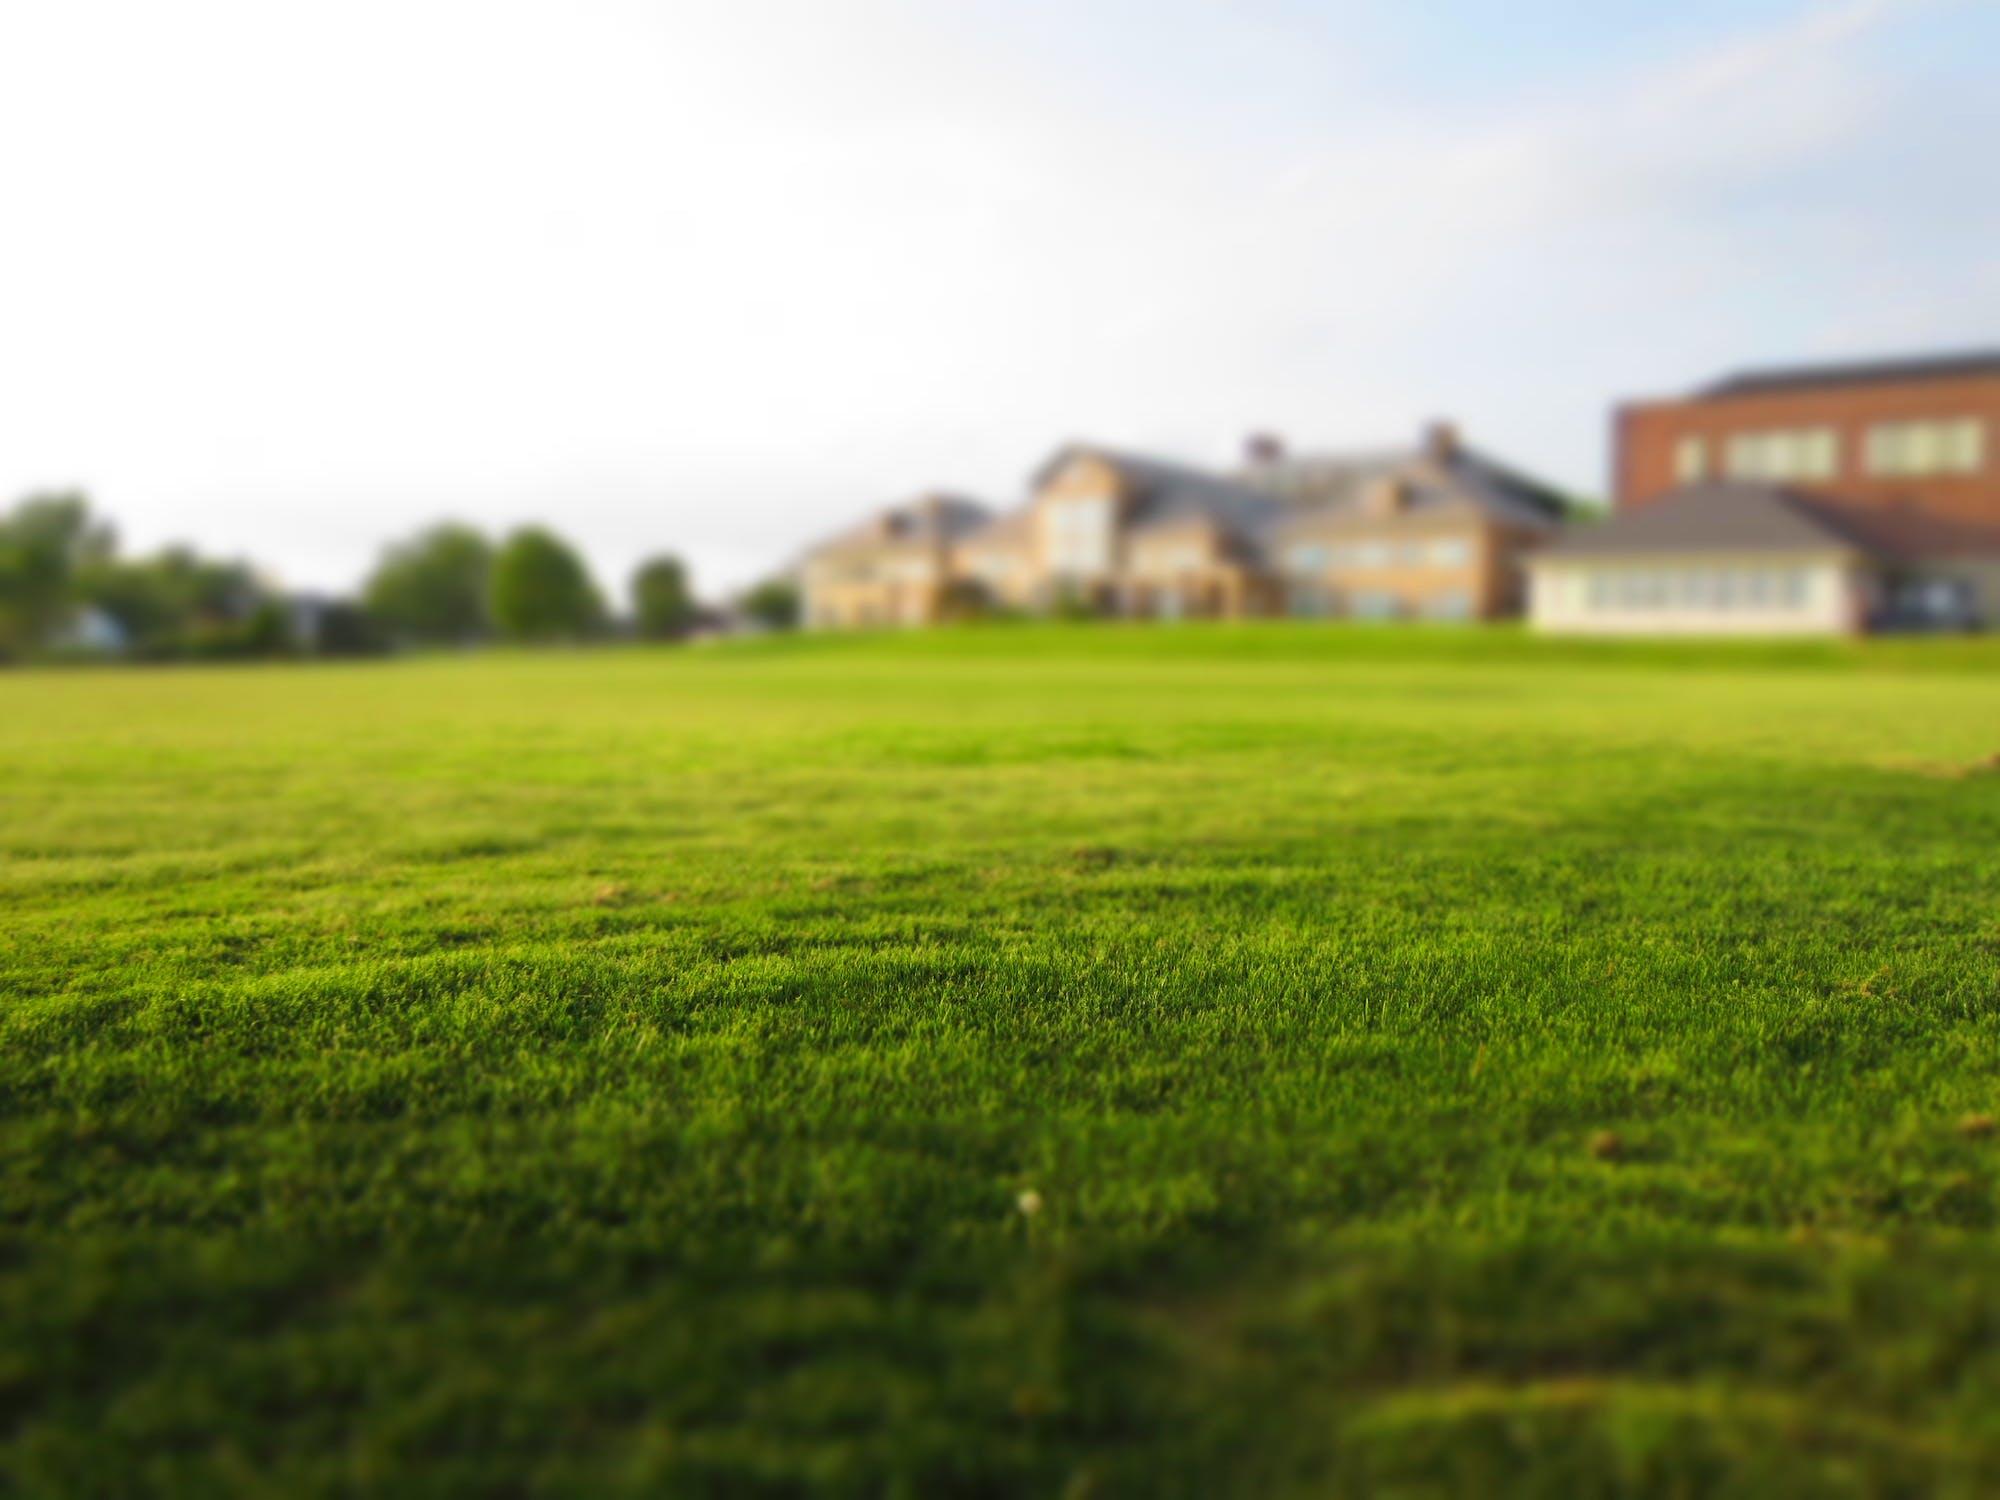 lawn-care-companies-eaton-ohio